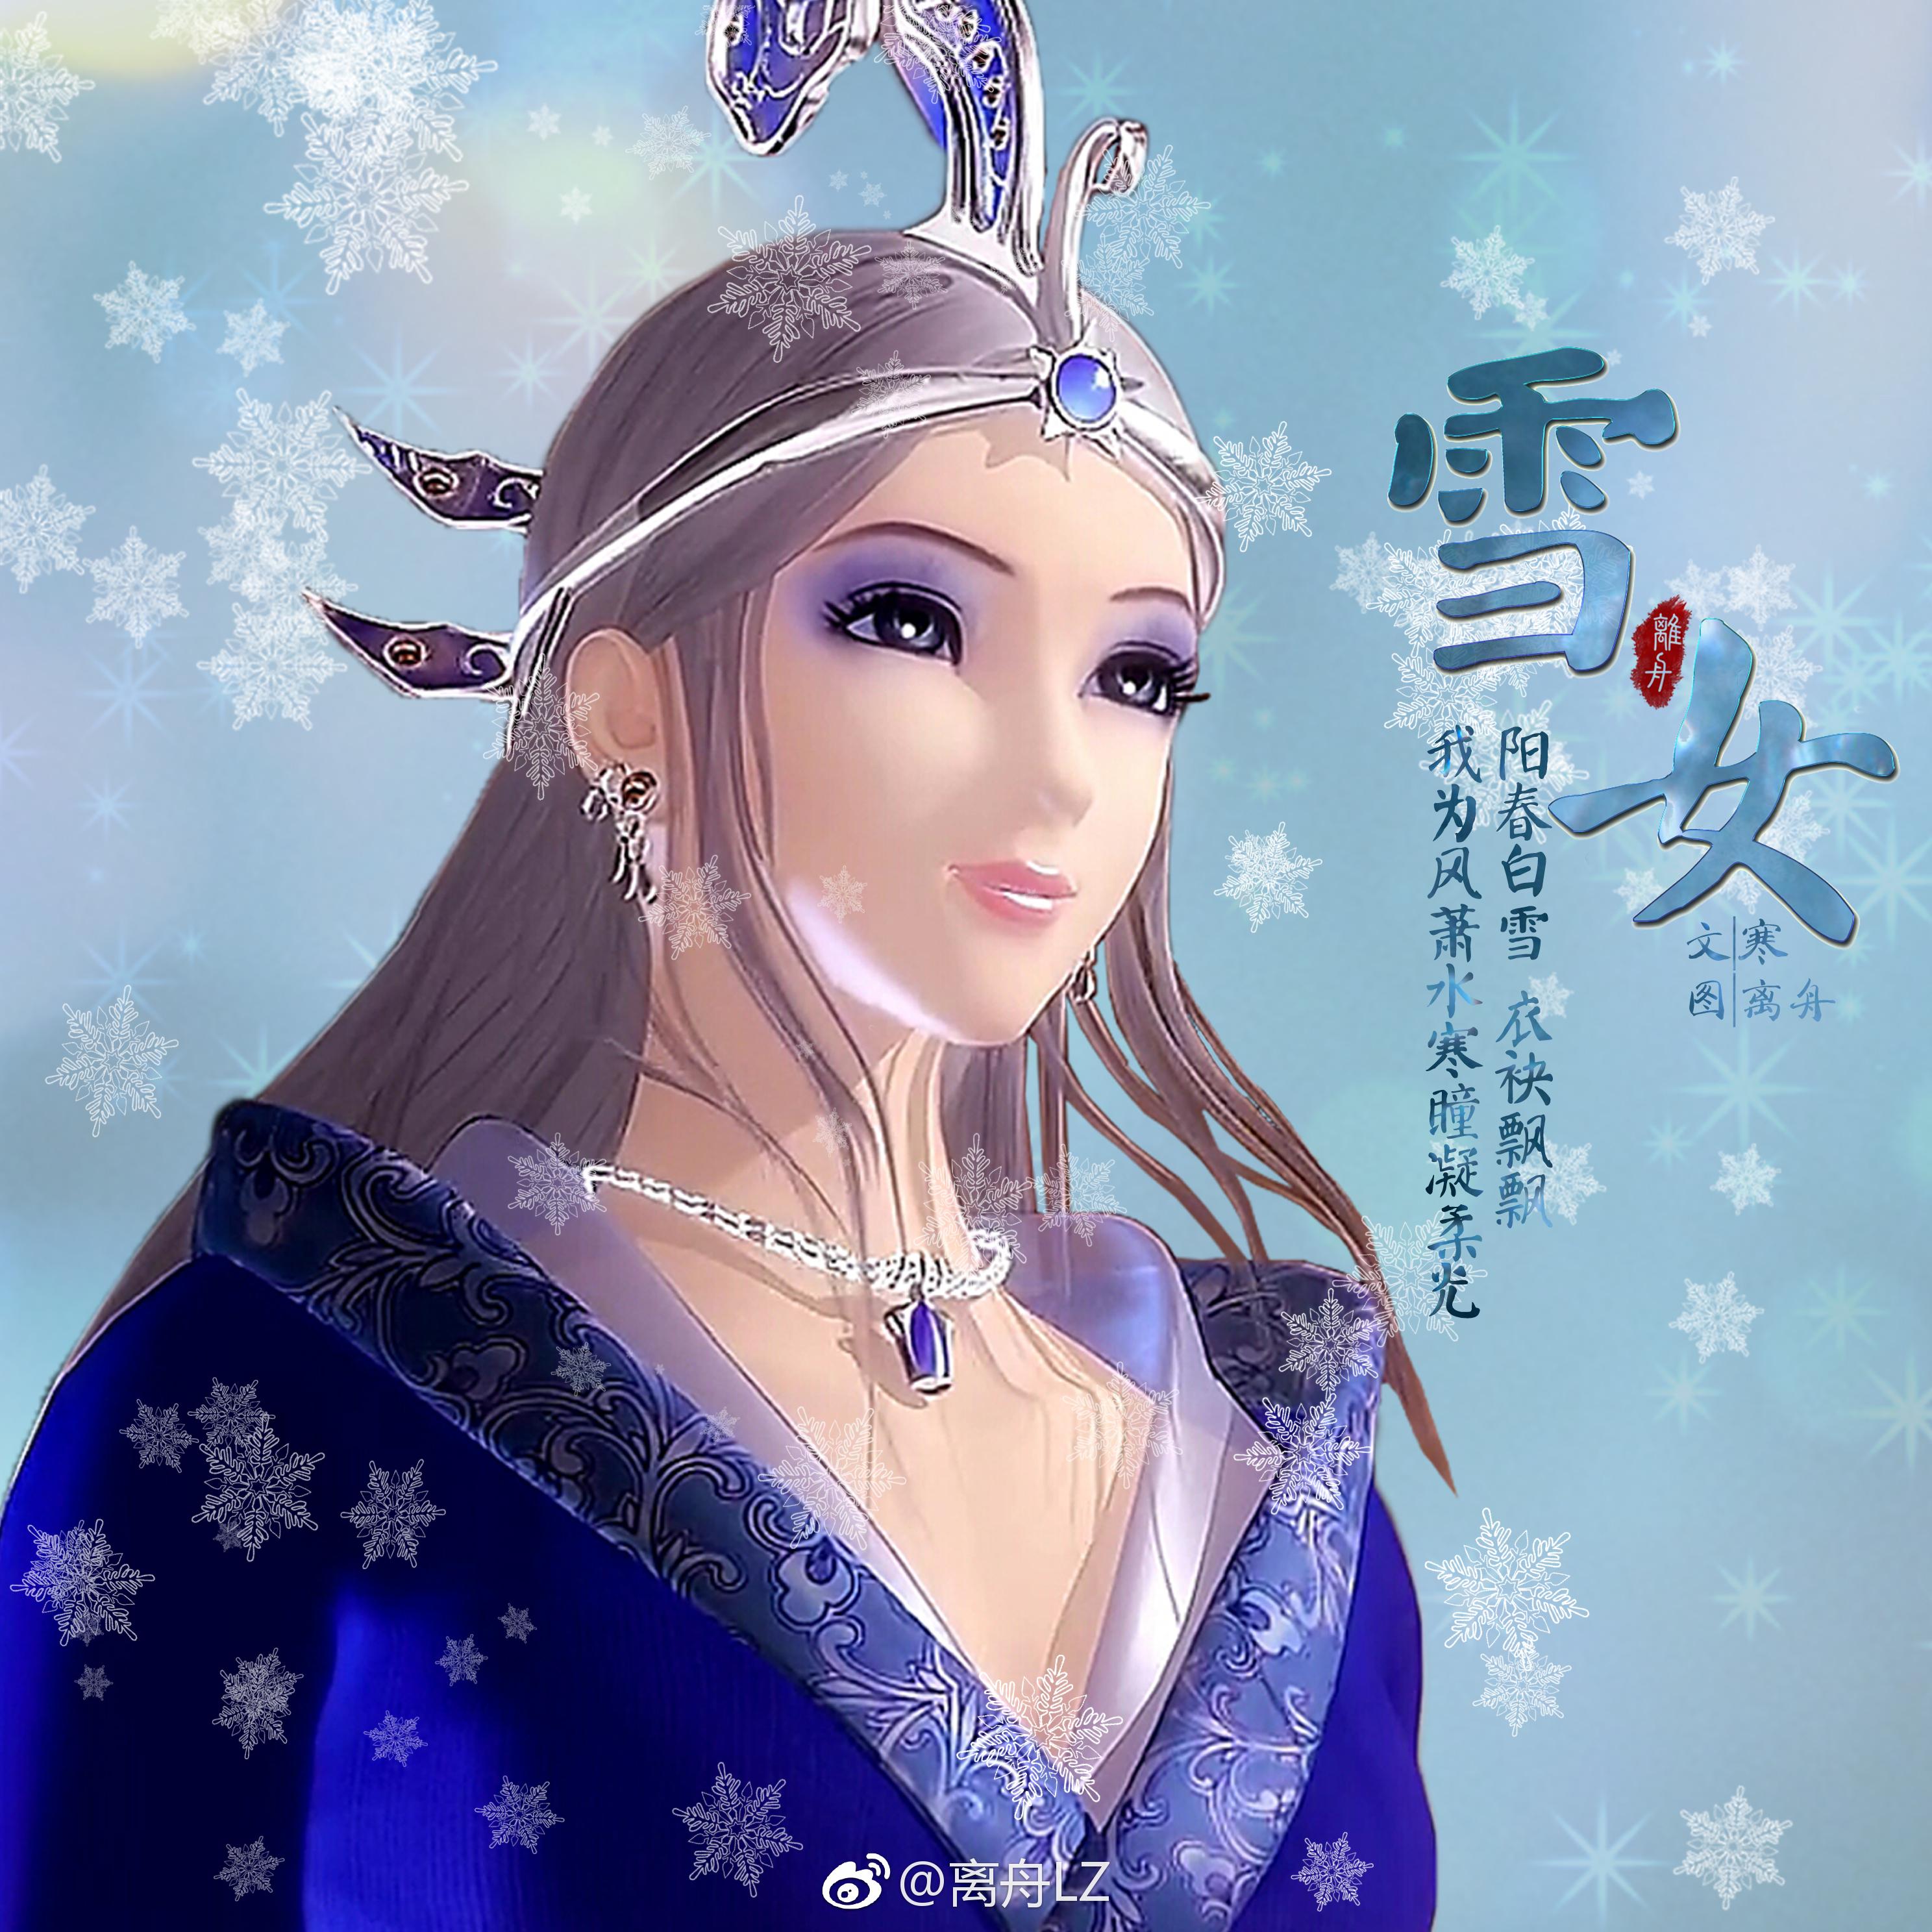 雪女微博图片